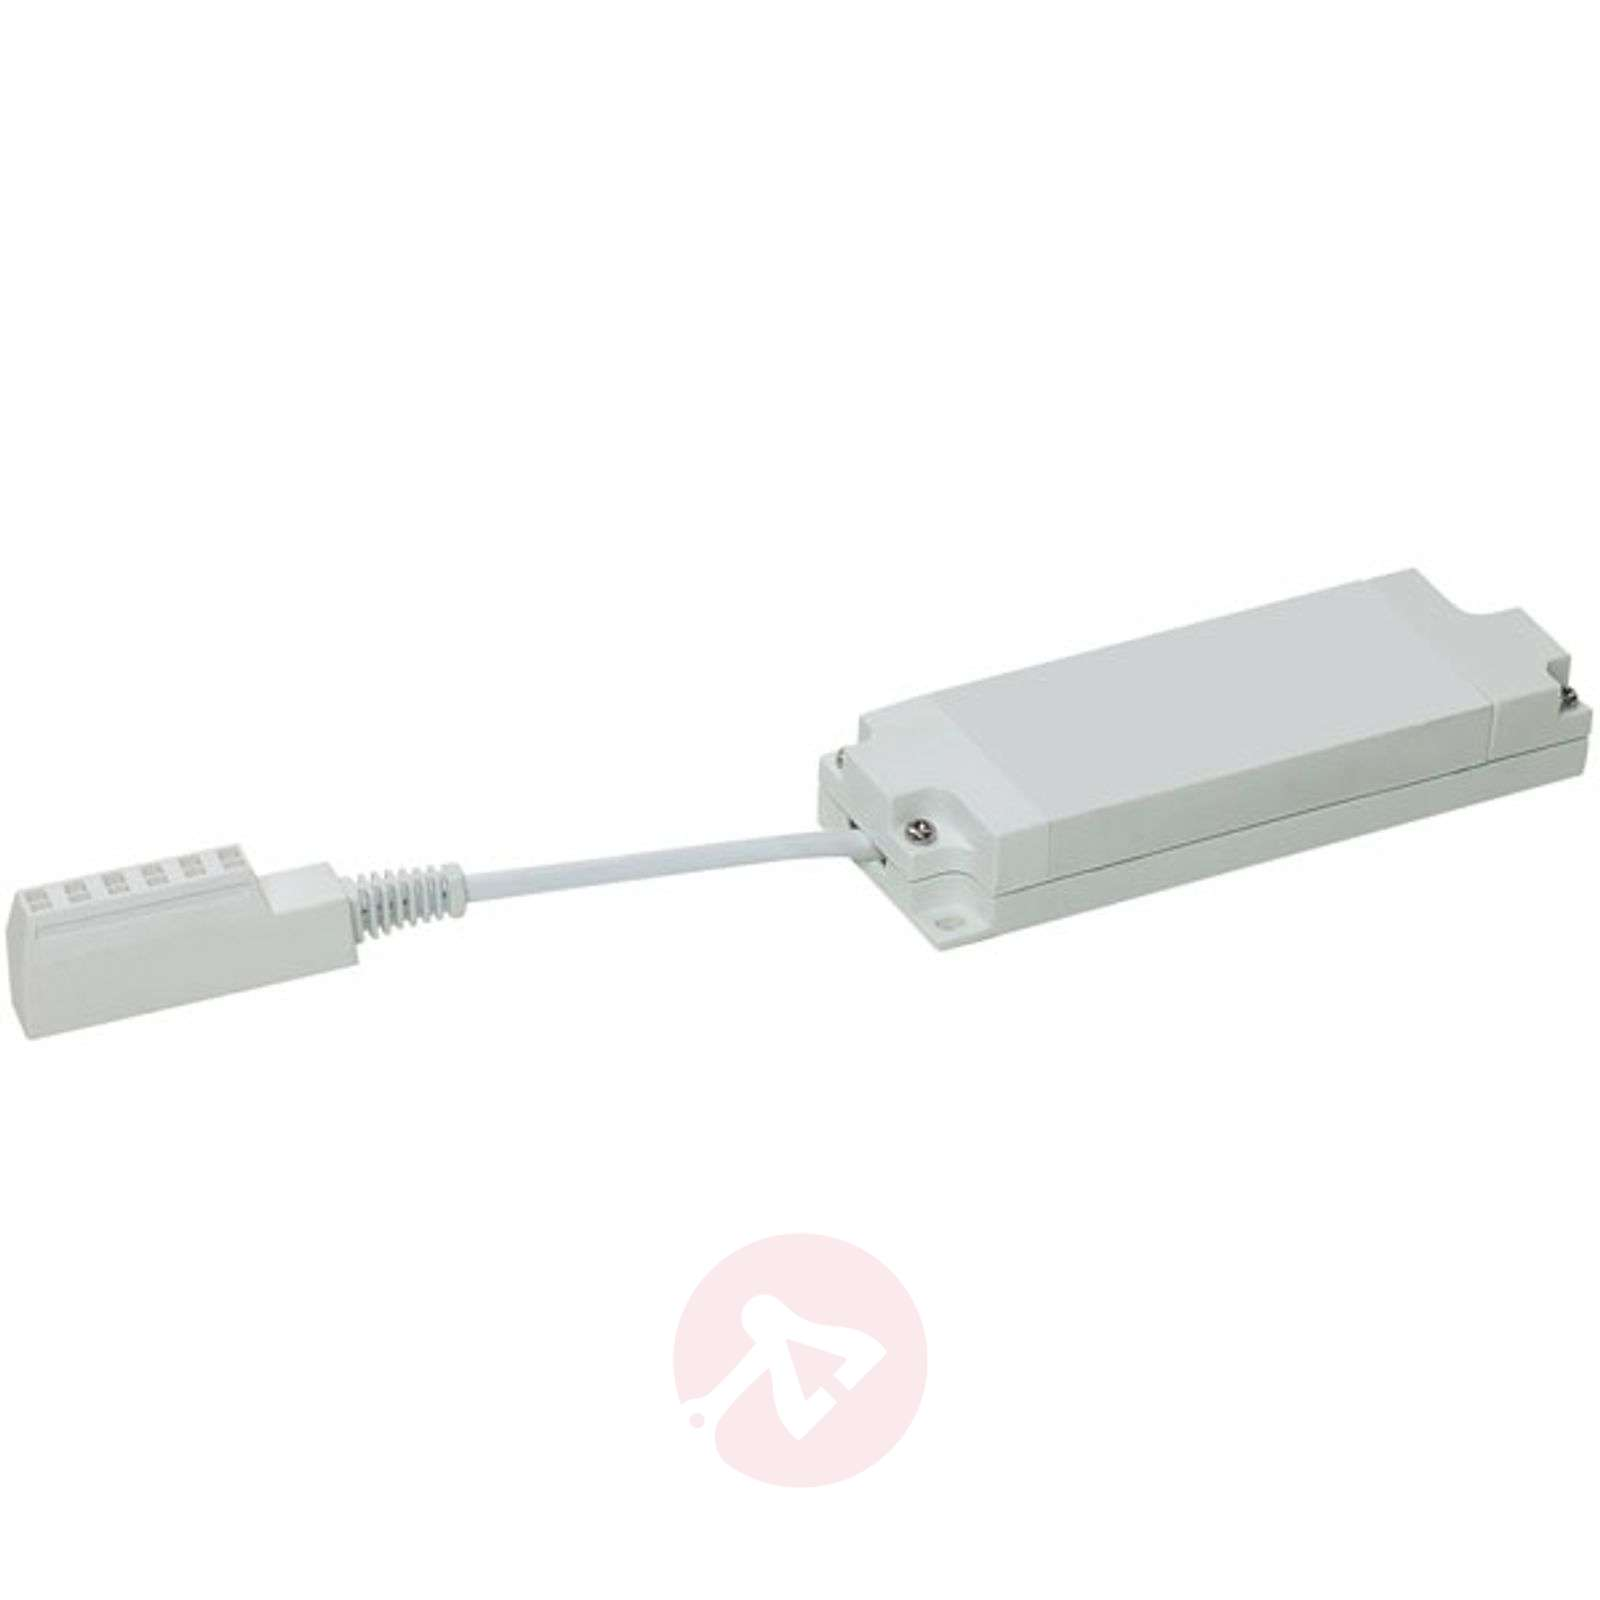 LED-muuntaja 12 W:n virtalähteellä-7500176-01